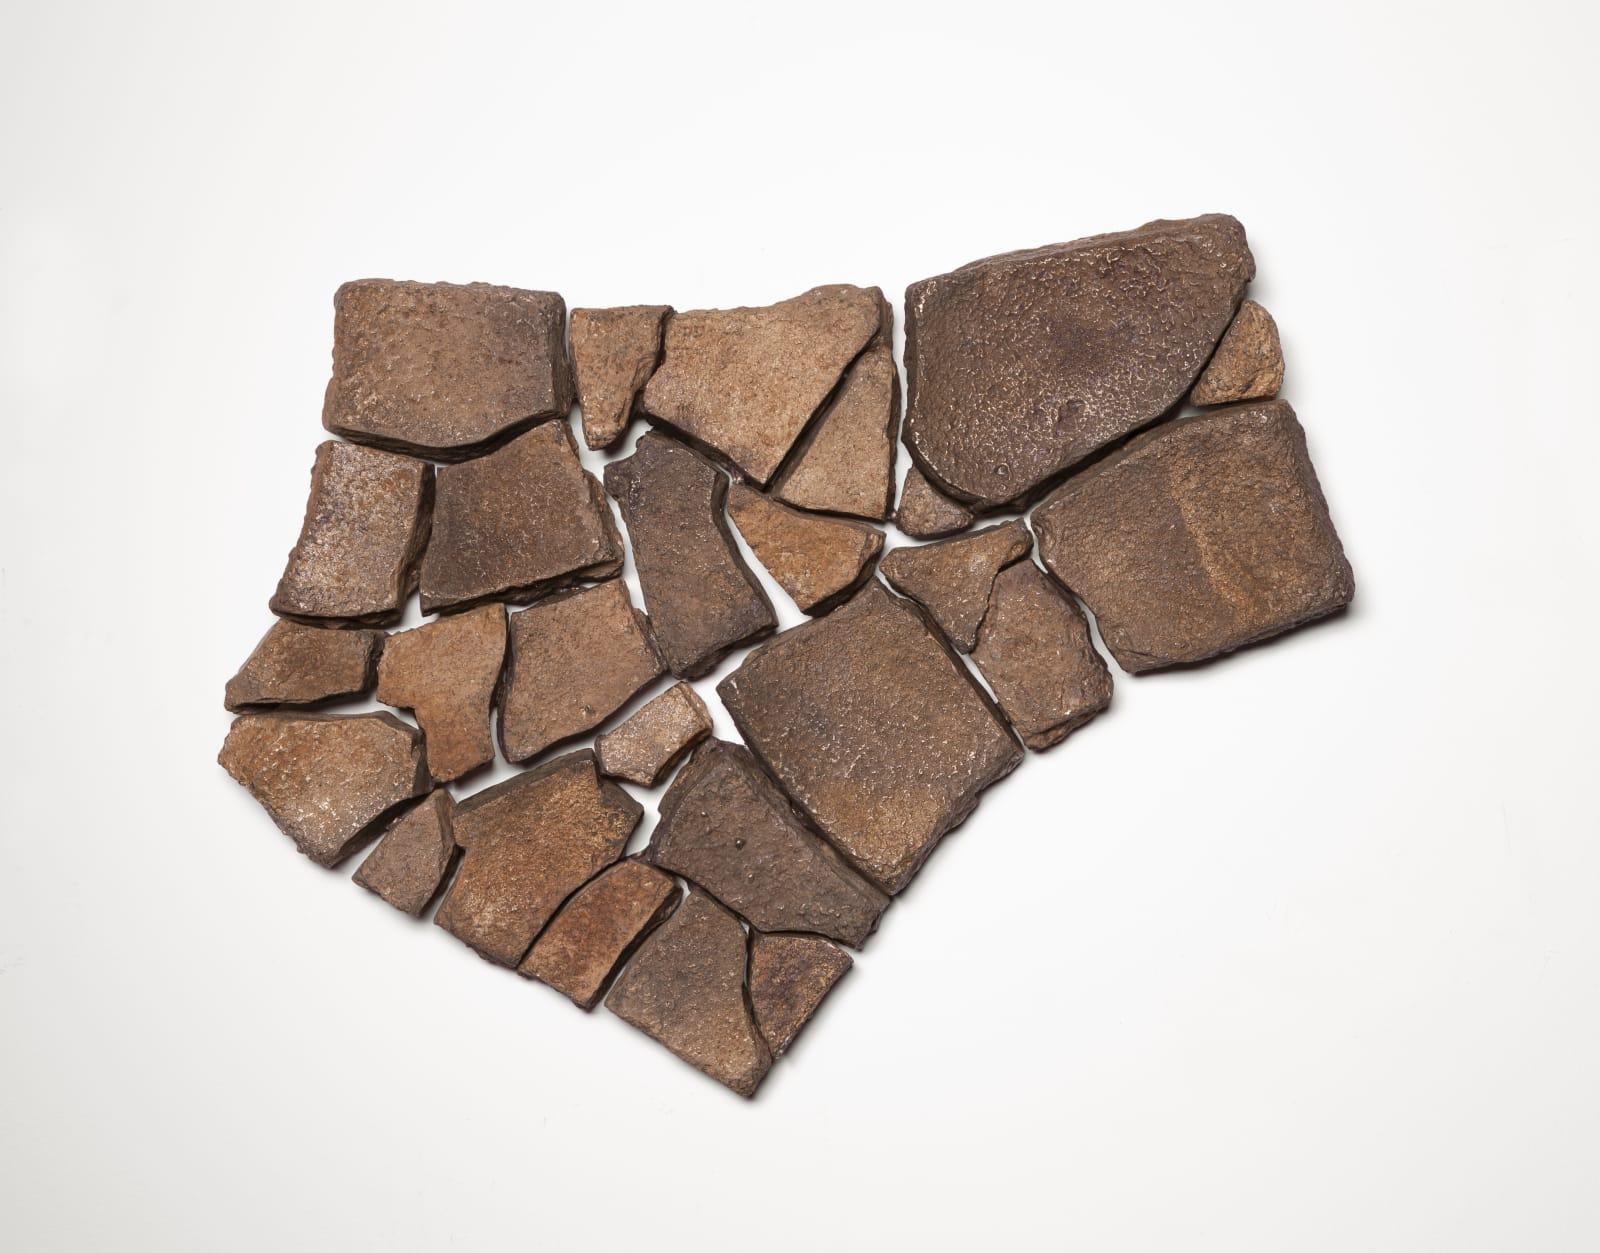 Ella Littwitz Facts on the Ground, 2020 Bronze 41 x 33 x 5 cm 16 1/8 x 13 x 2 in